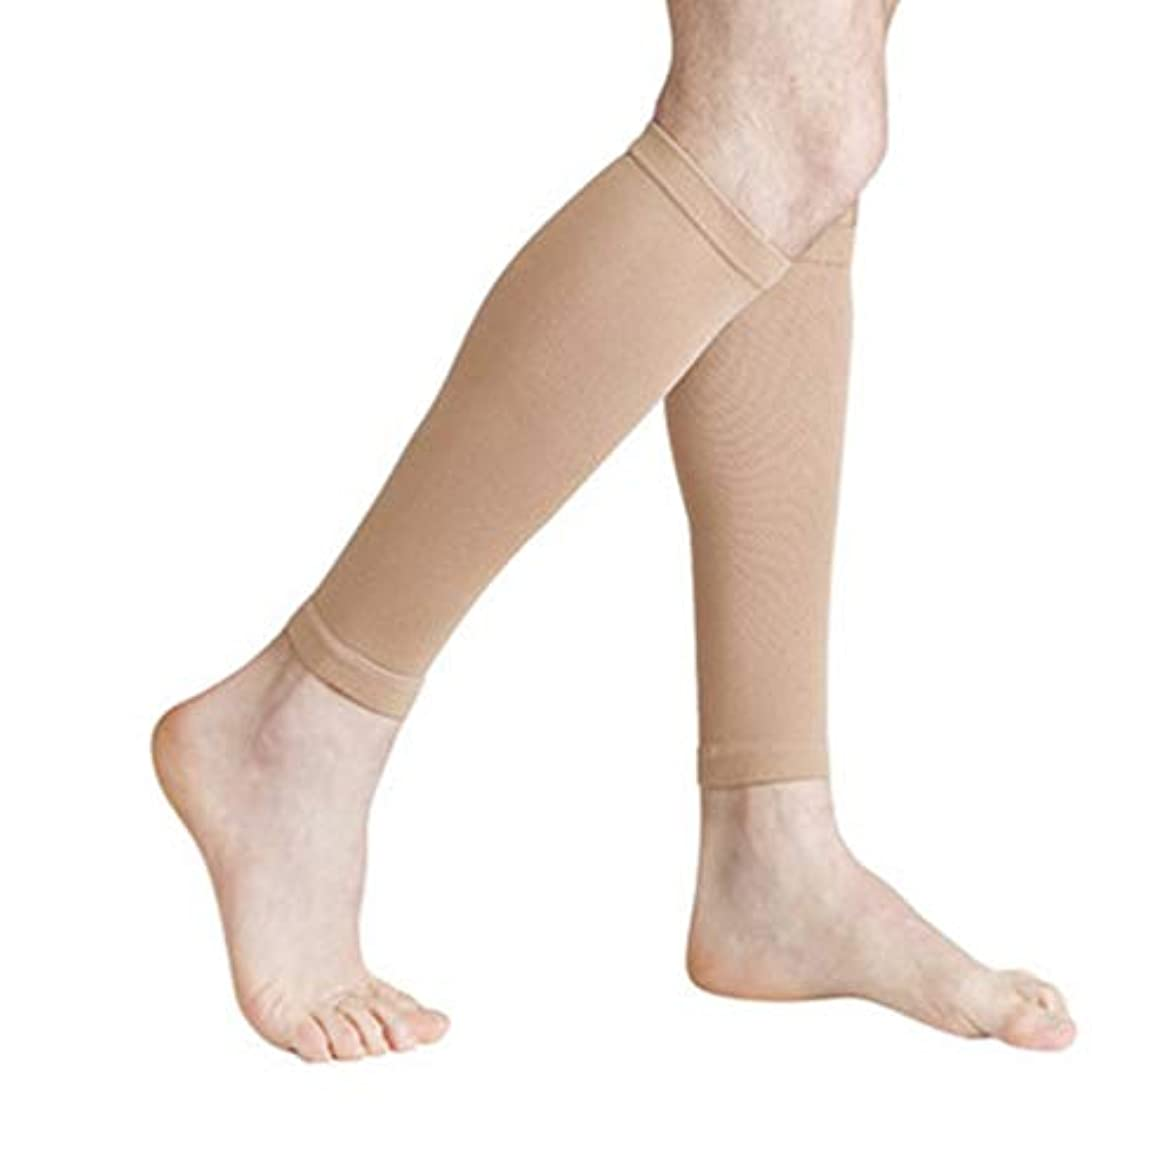 聴衆可愛い扱いやすい丈夫な男性女性プロの圧縮靴下通気性のある旅行活動看護師用シントスプリントフライトトラベル - 肌色